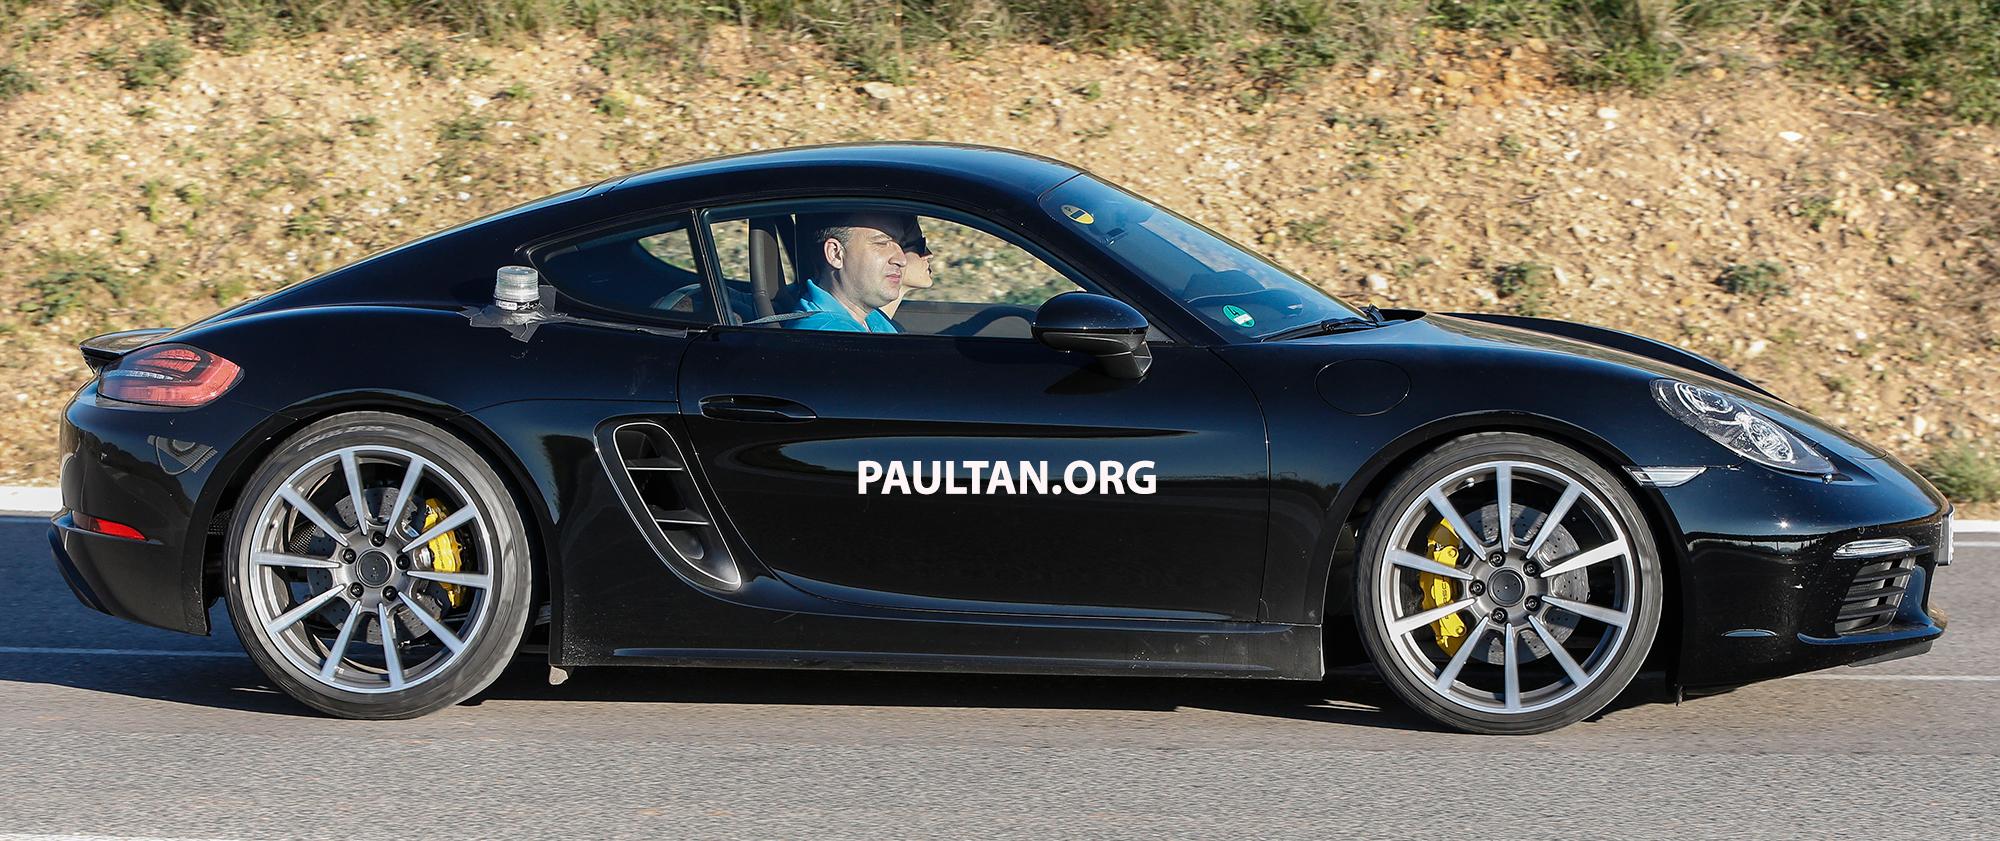 Spyshots 2016 Porsche Cayman 981 Facelift Spotted Paul